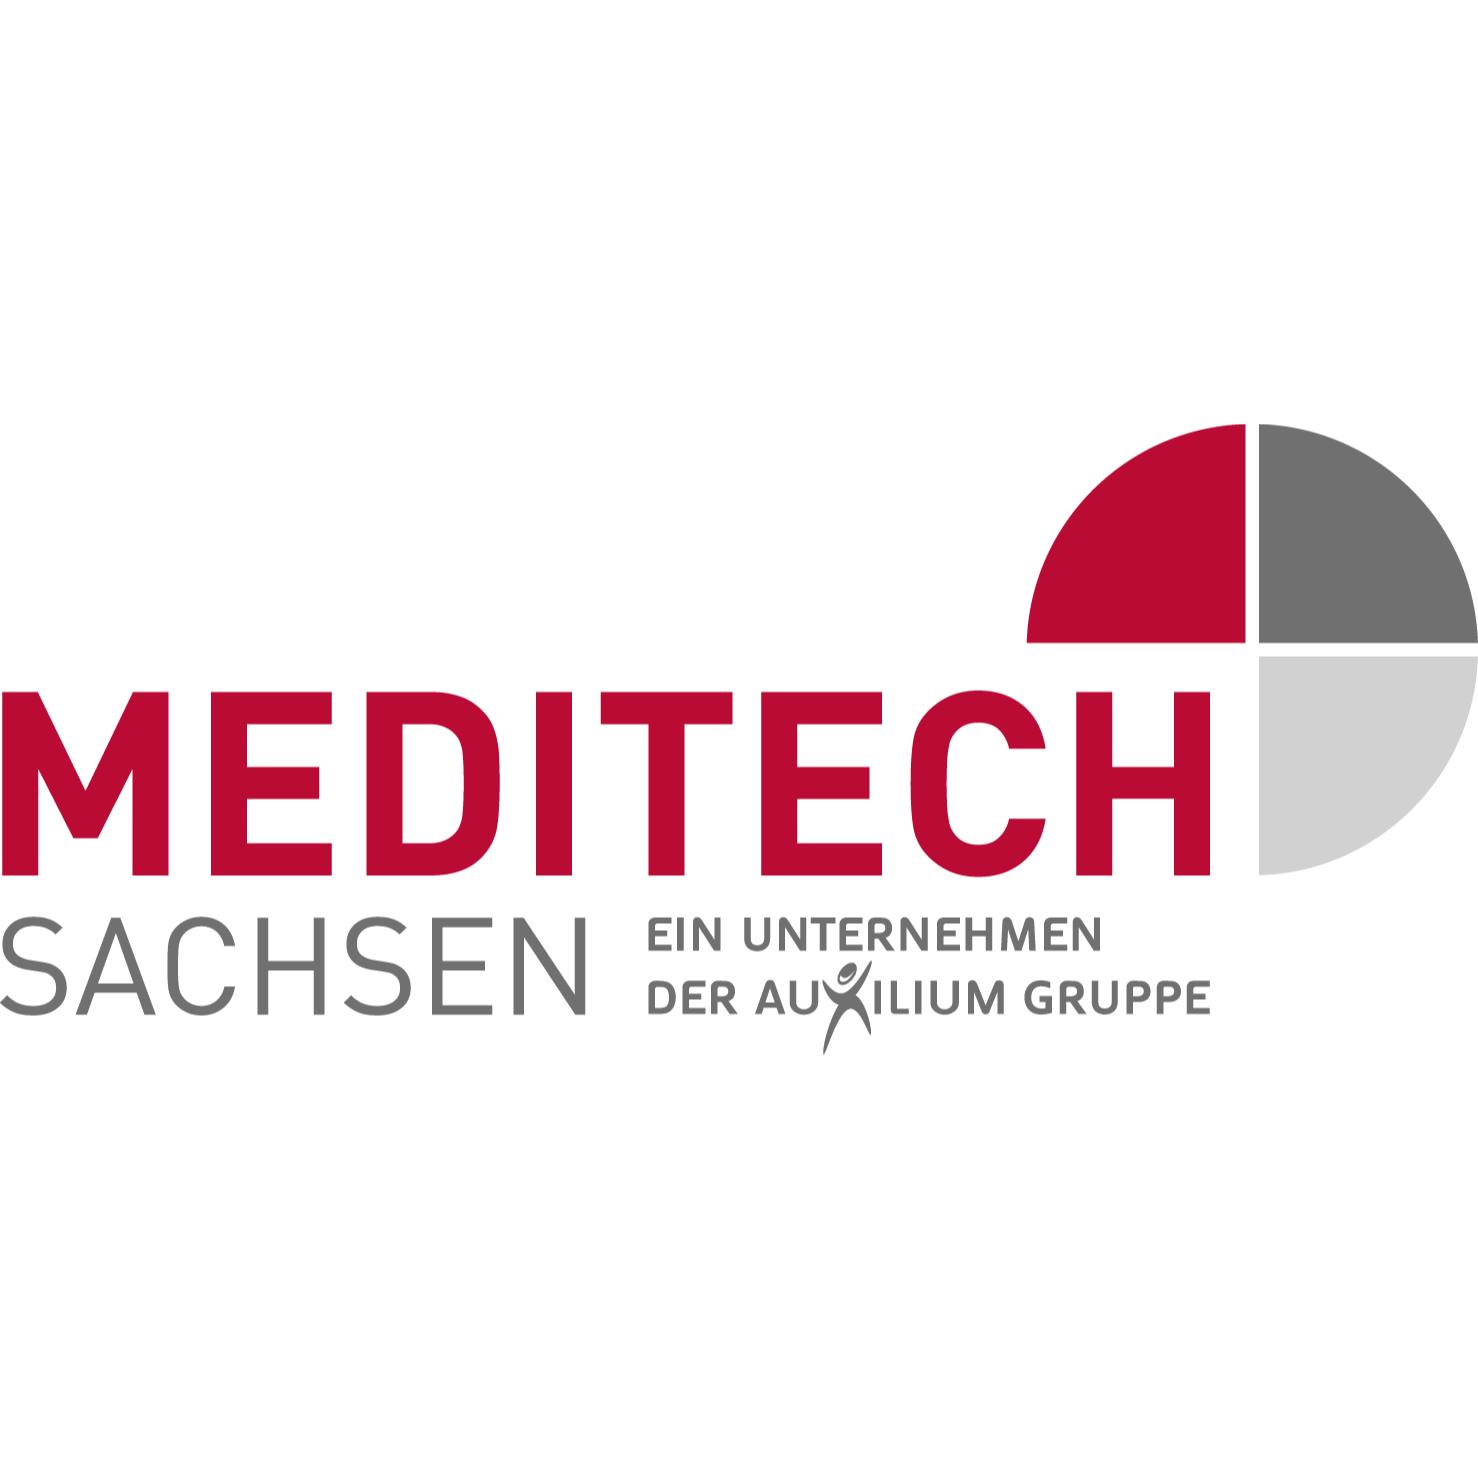 Bild zu Meditech Sachsen GmbH Sanitätshaus Bischofswerda in Bischofswerda